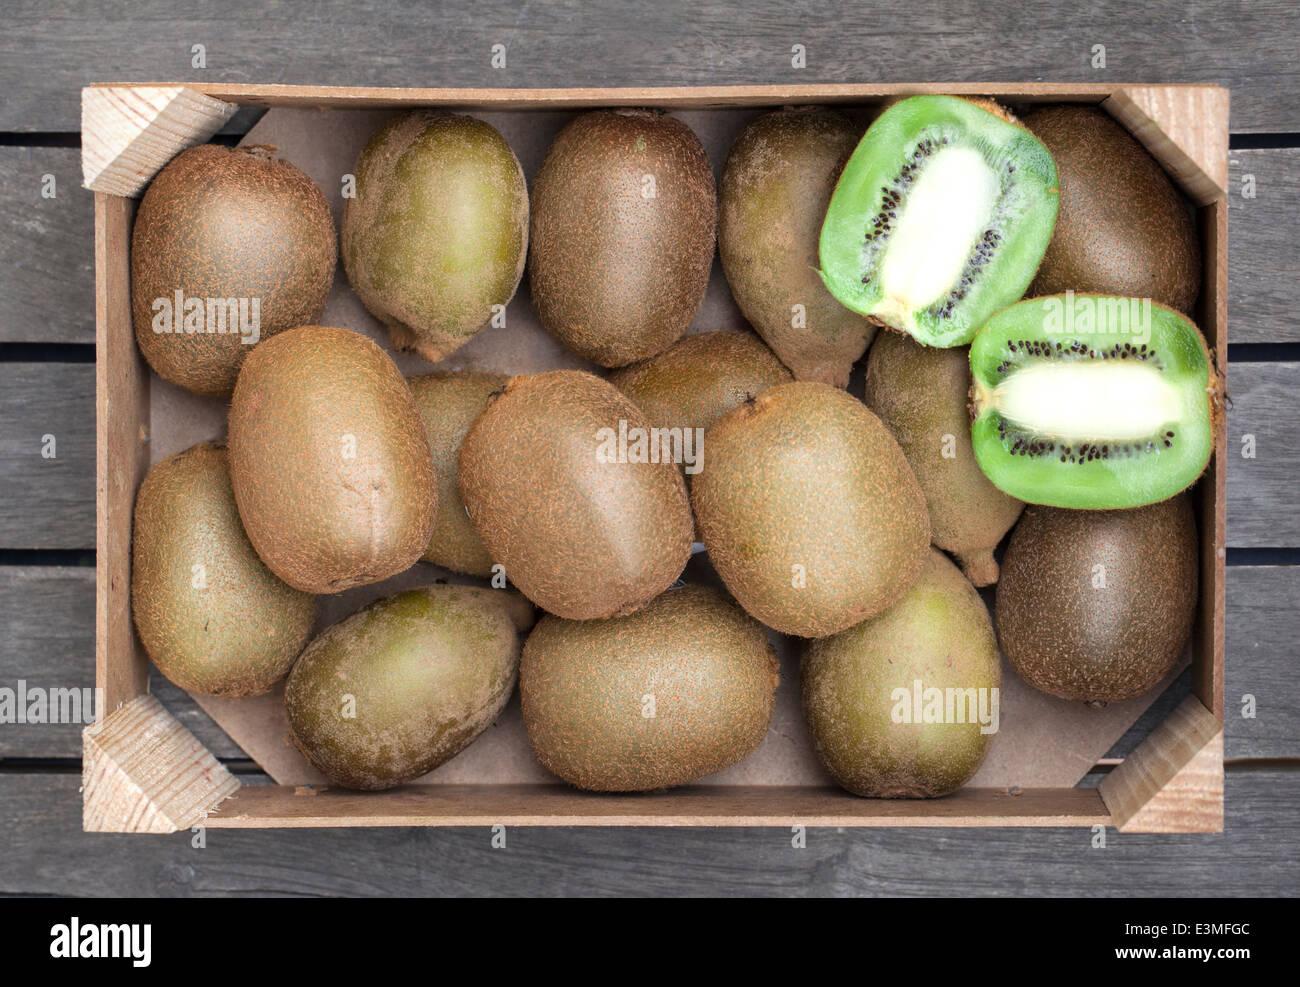 Caja de madera de caja fresca de kiwis Foto de stock